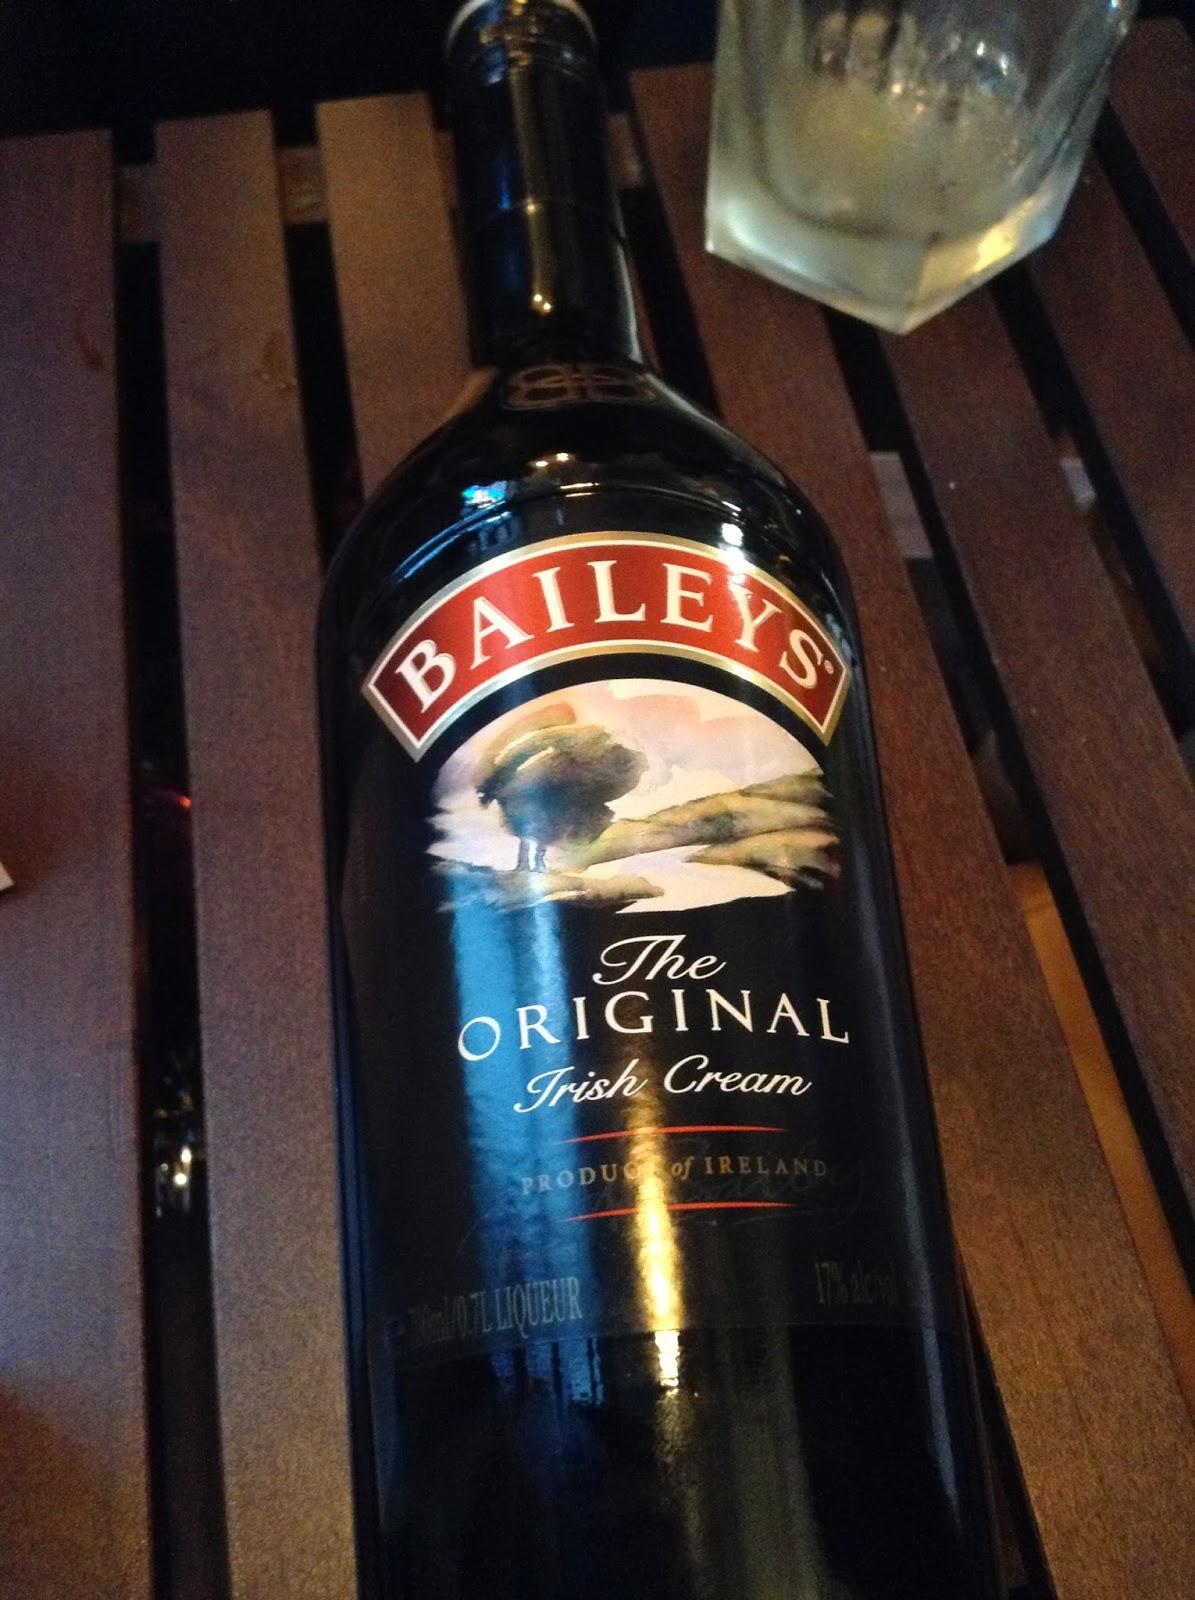 >> 更有女人味的女仔酒*愛爾蘭BAILEYS原味忌廉甜酒Original Irish Cream